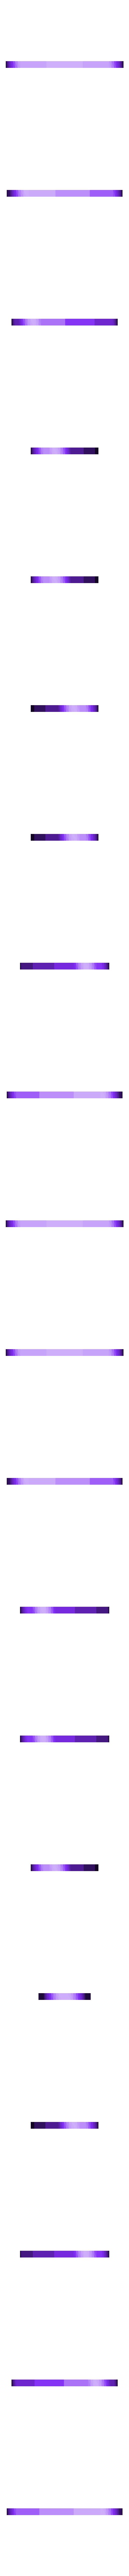 BLTouch_Spacer_1.5mm.STL Télécharger fichier STL gratuit Un support d'extrudeuse Stock-ish pour Anet A8 et Alike ! (Inclut la chaîne et la monture ou sans chaîne !) • Objet pour impression 3D, MorganLowe